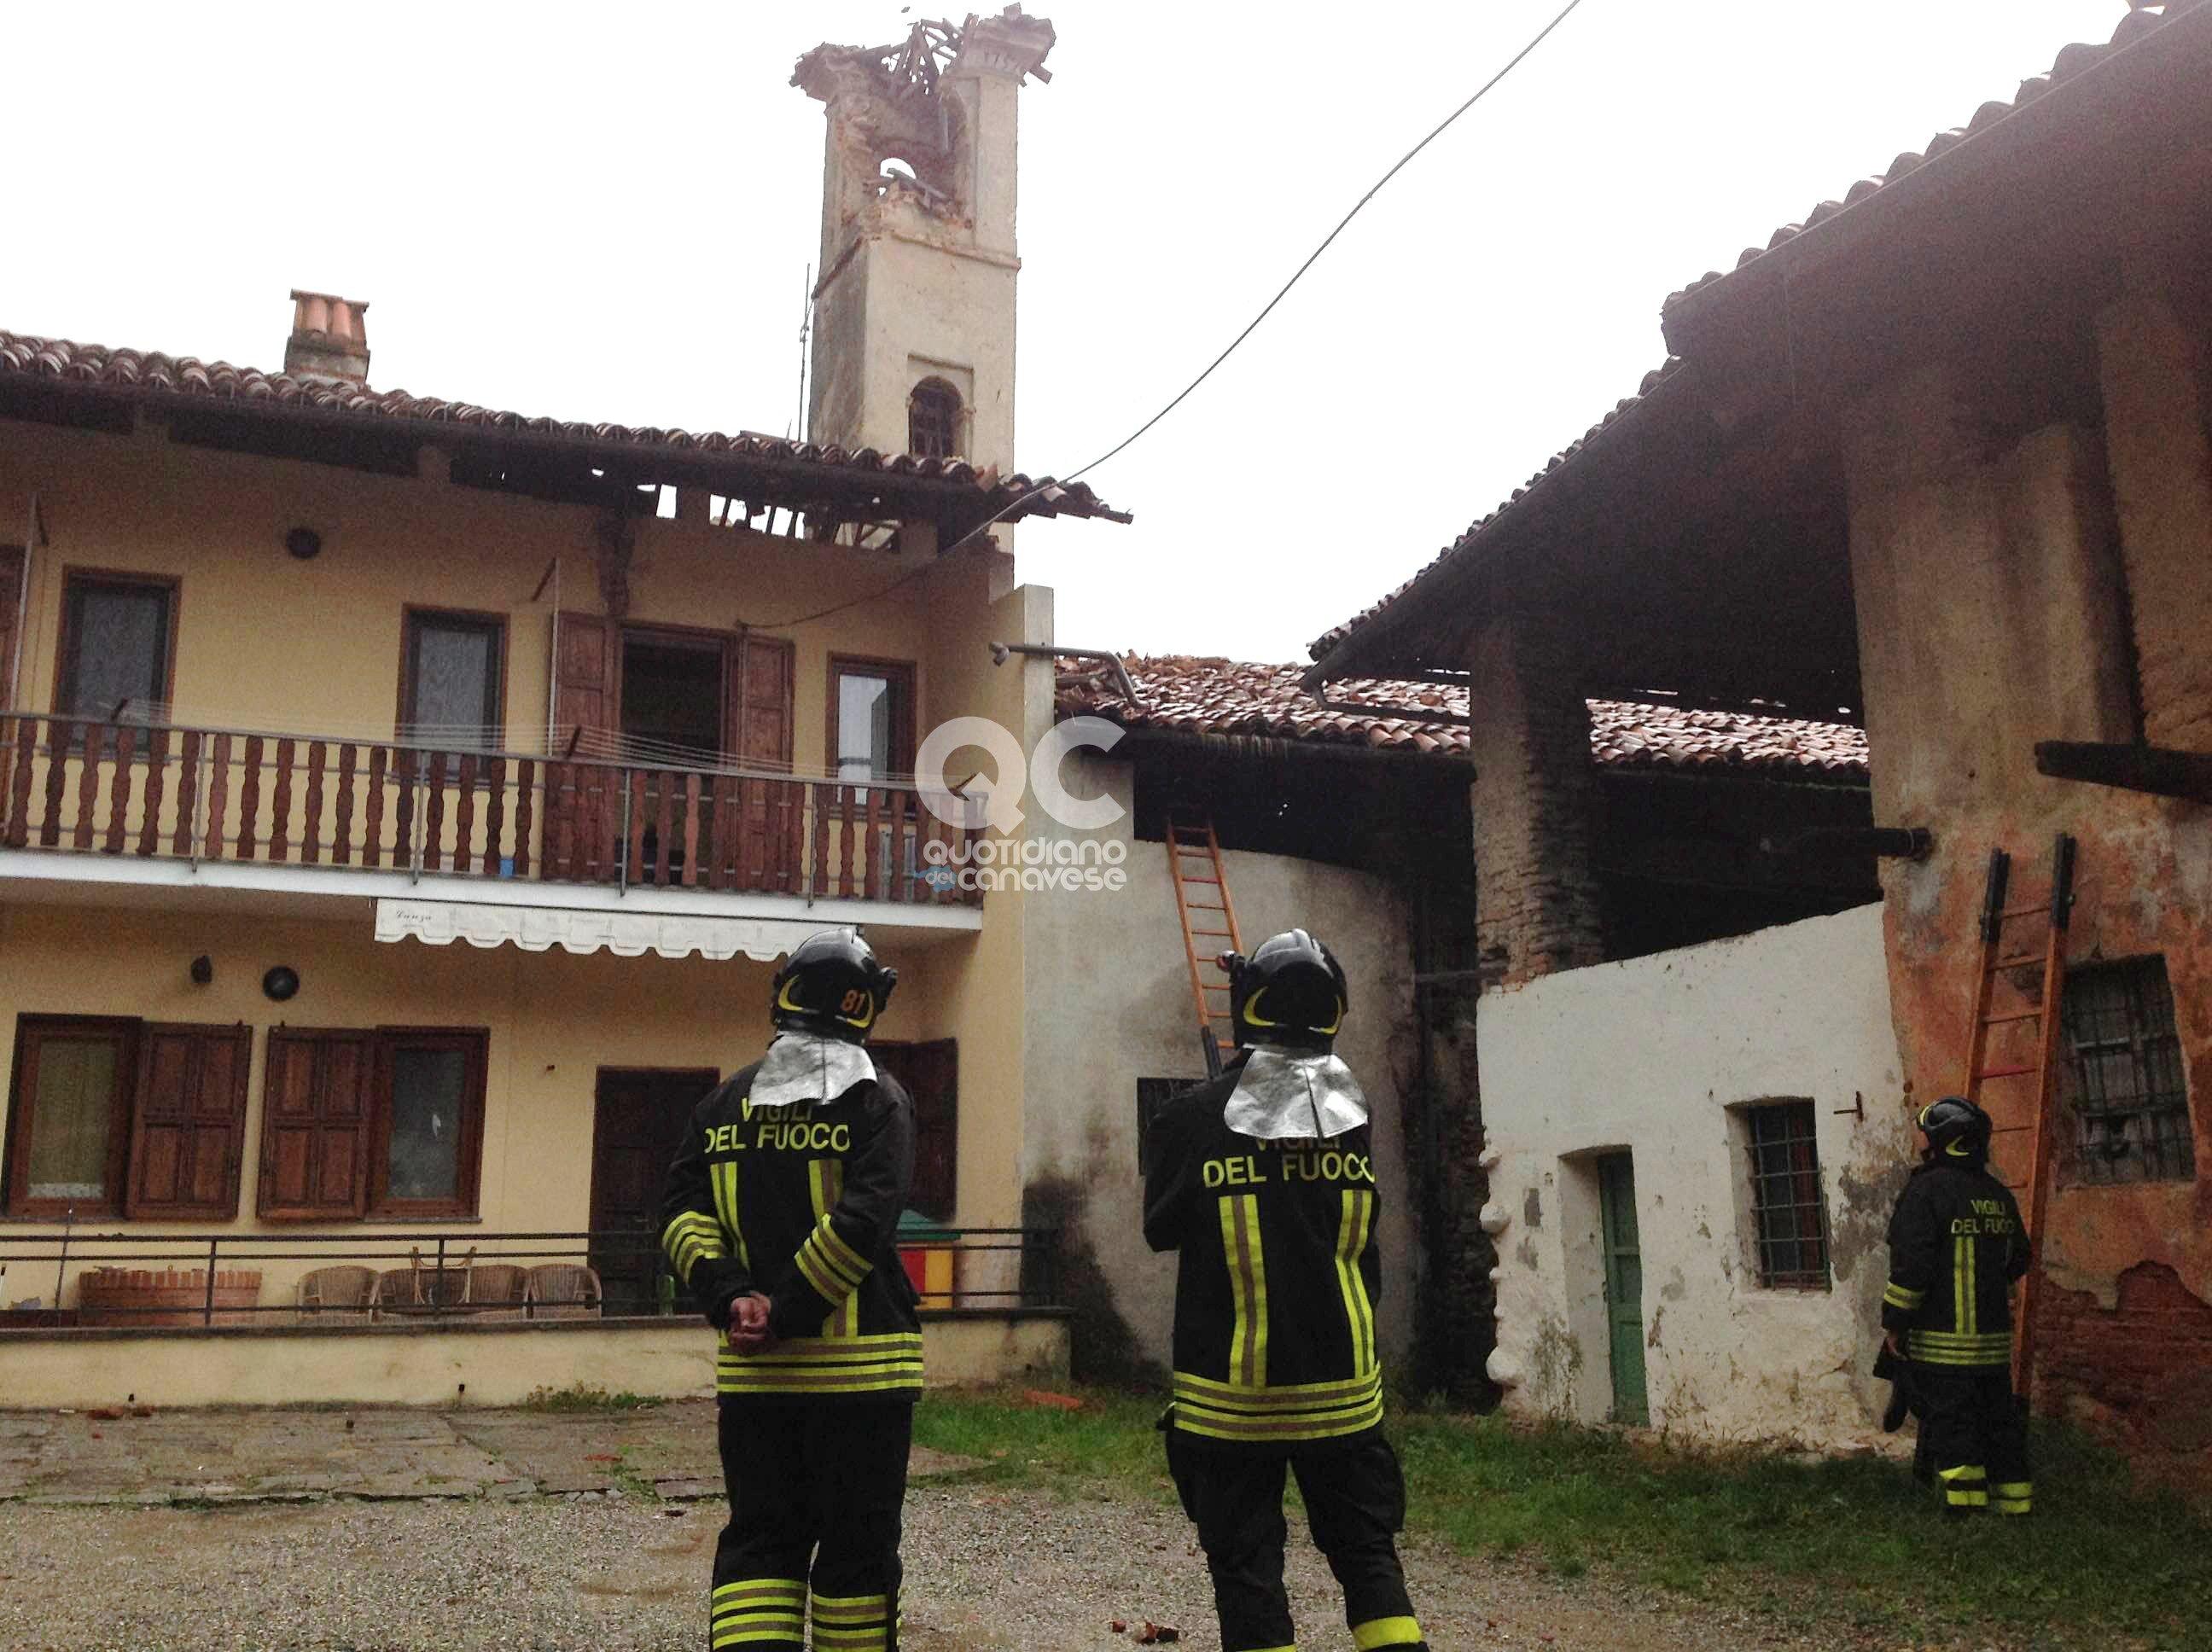 VALPERGA - Crolla il campanile e una famiglia resta senza casa: parte la causa civile contro la Curia di Torino